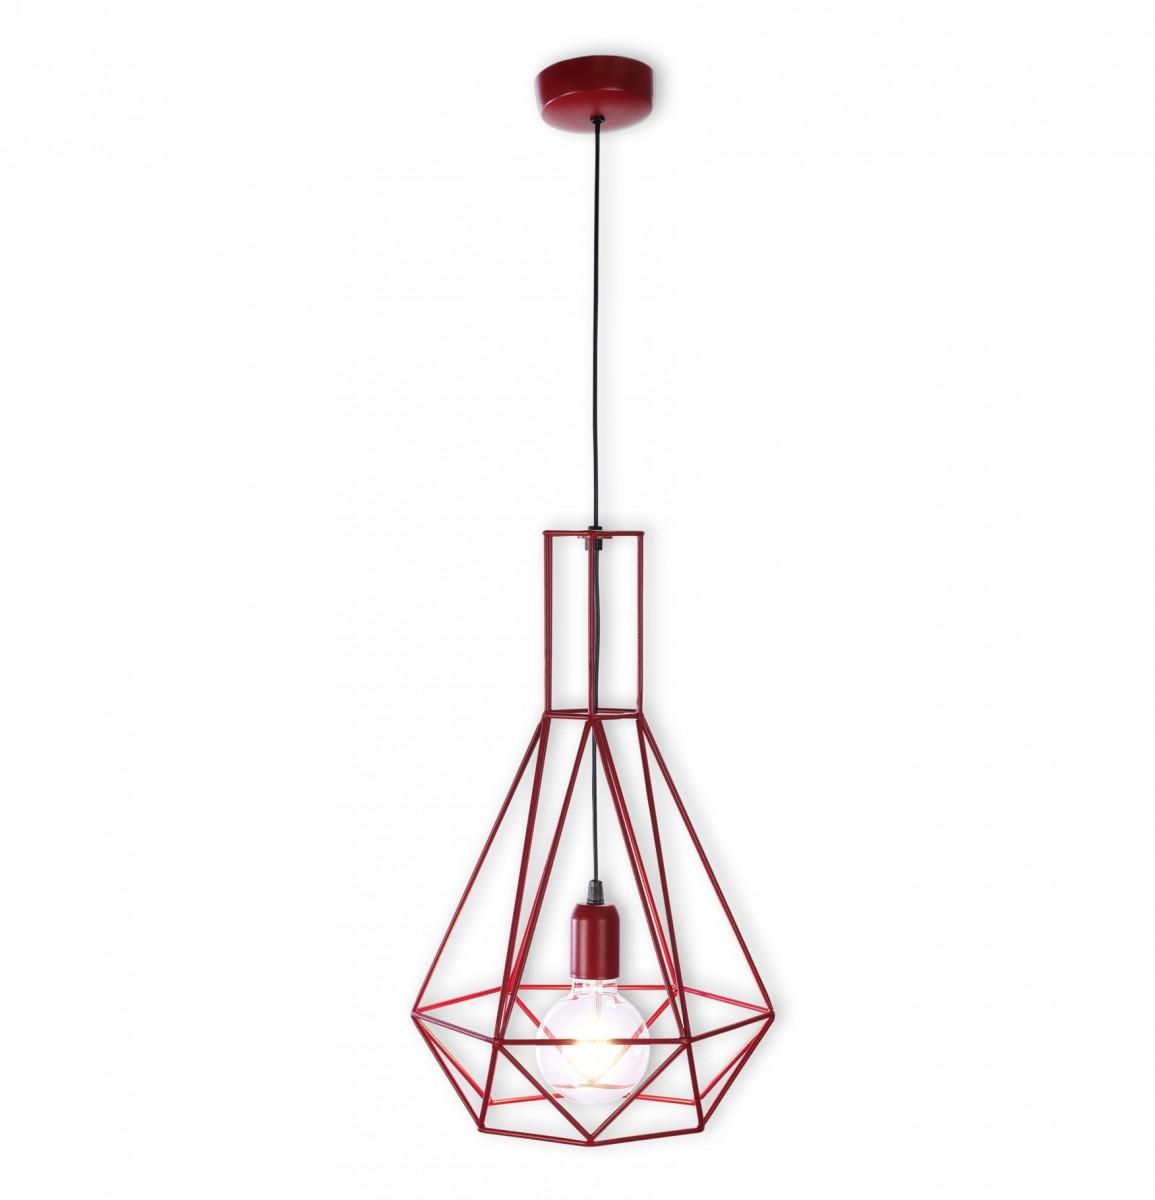 fm-iluminacion-Matilde 25830-25-lampara-colgante-estructura-metal-iluminacion-coben